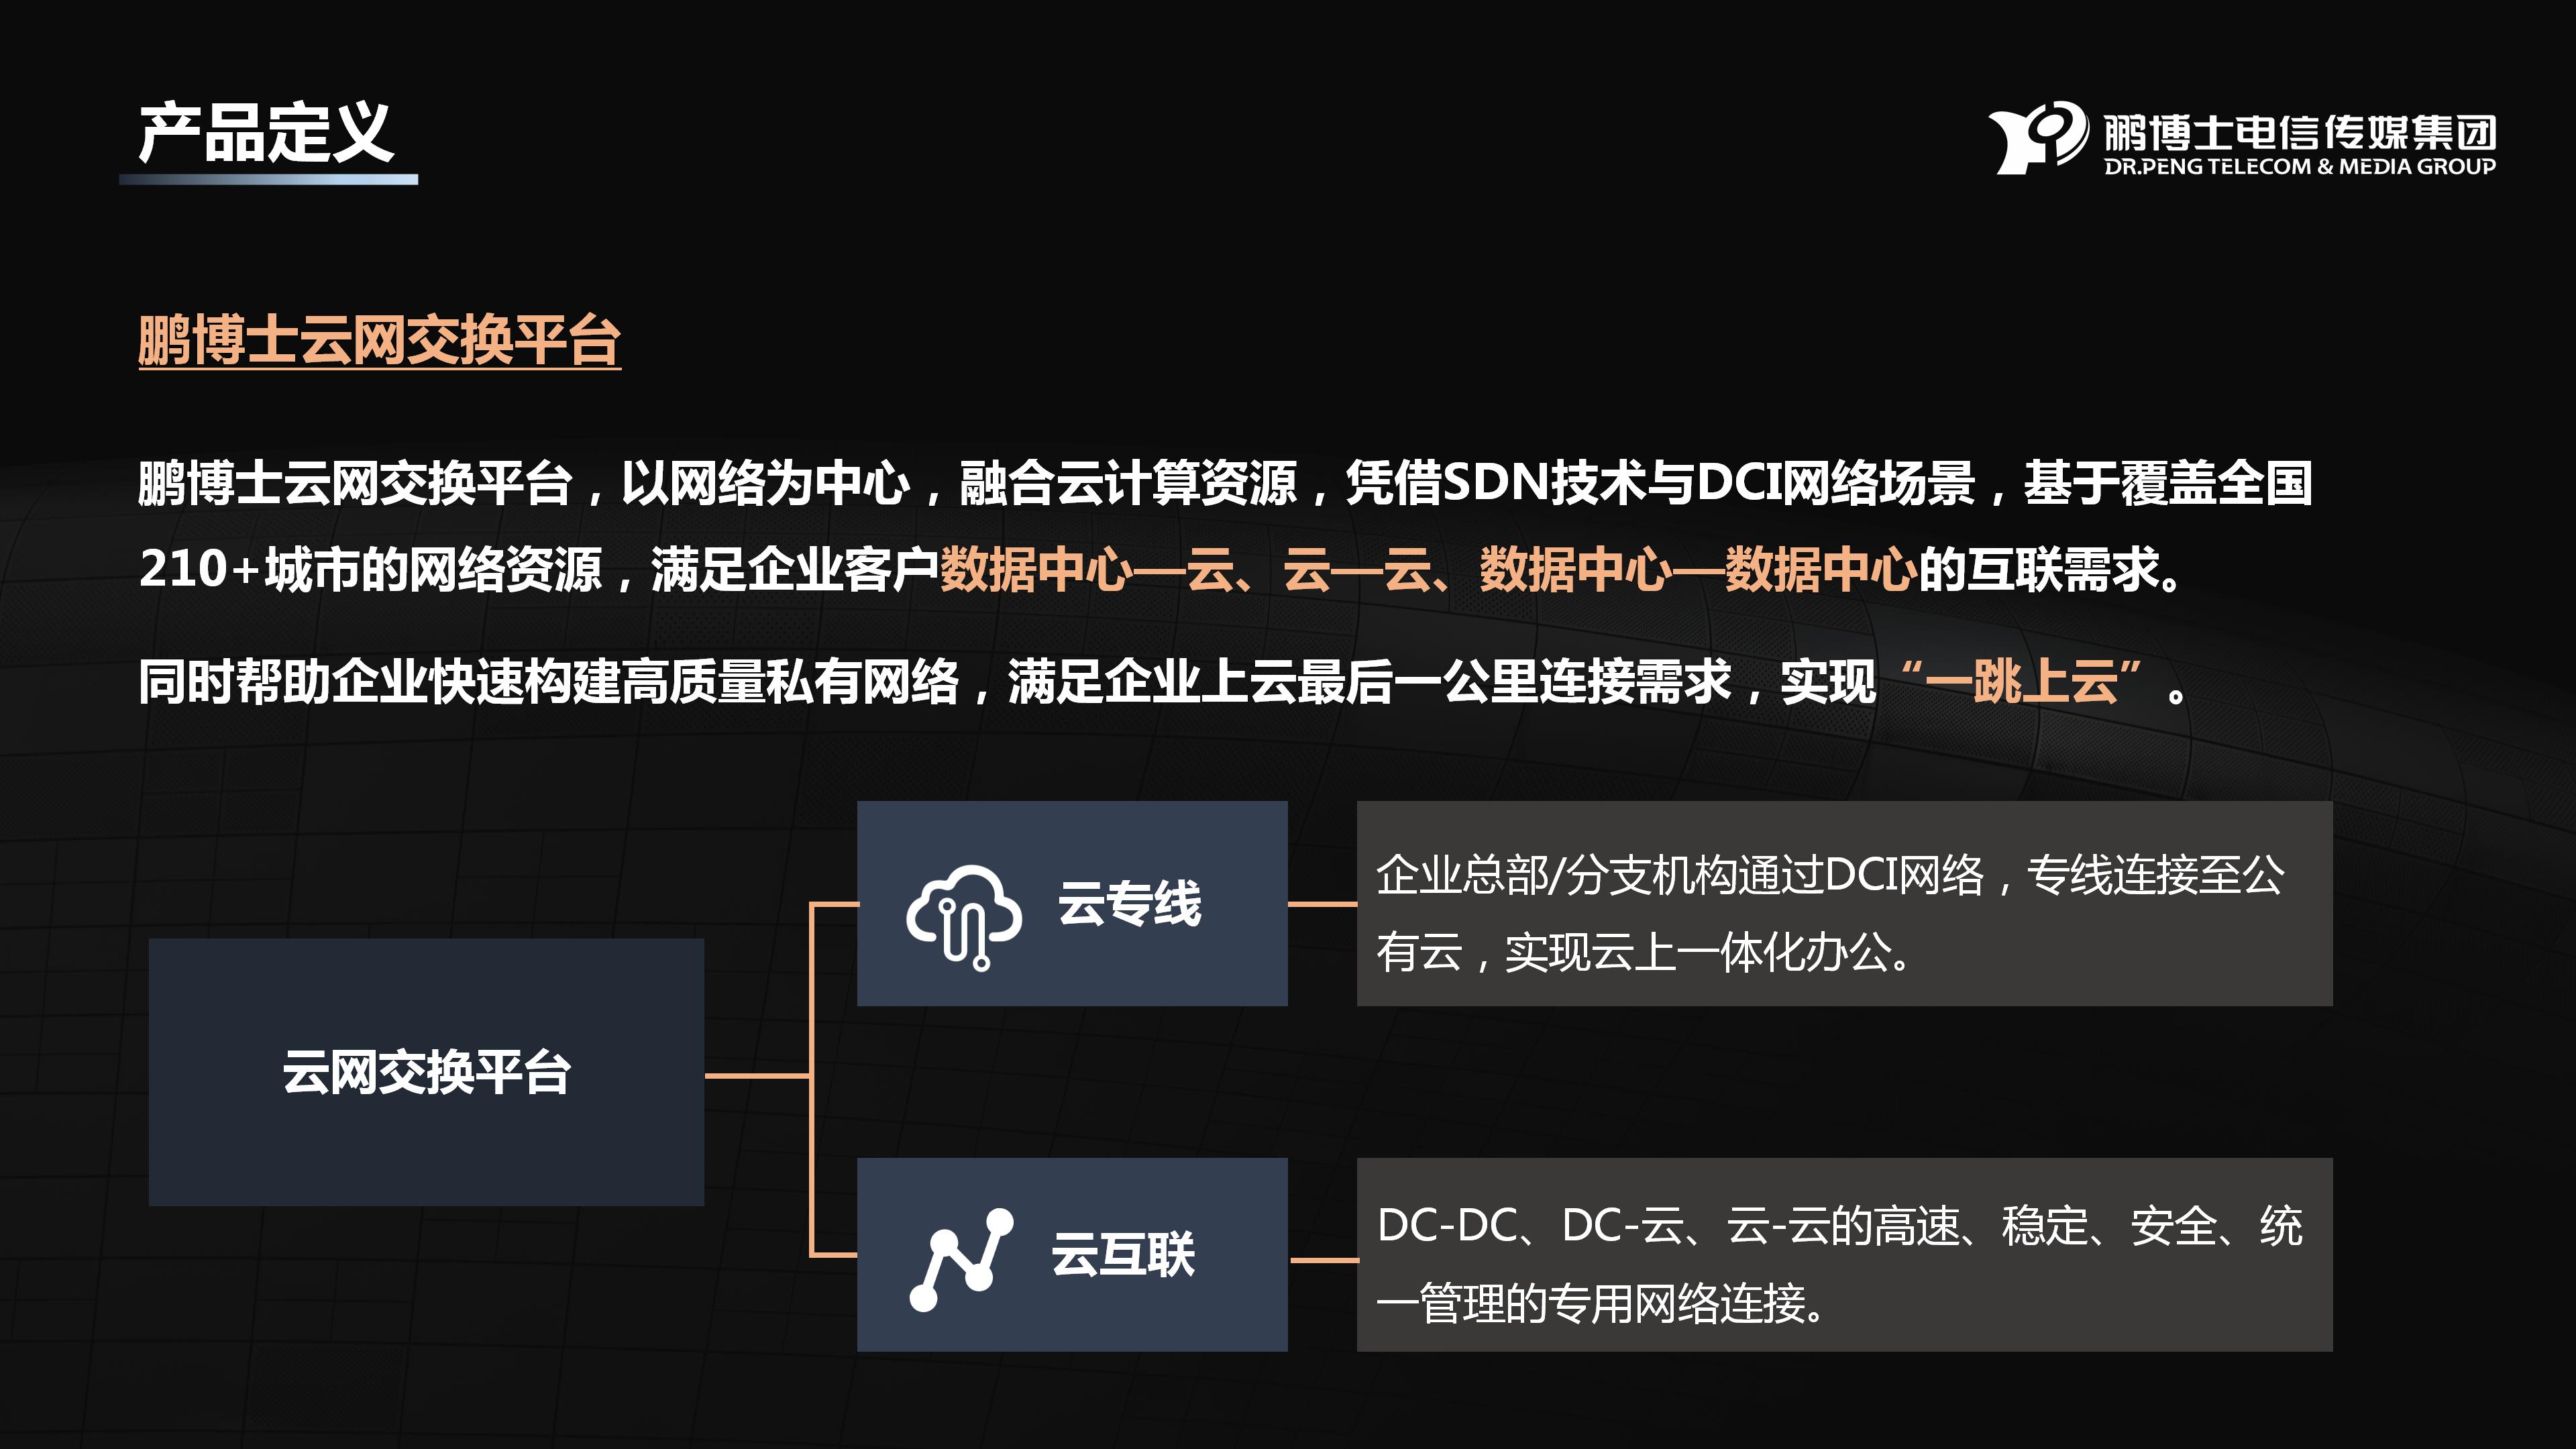 鹏博士同城跨城专线百度云专线(DCI)